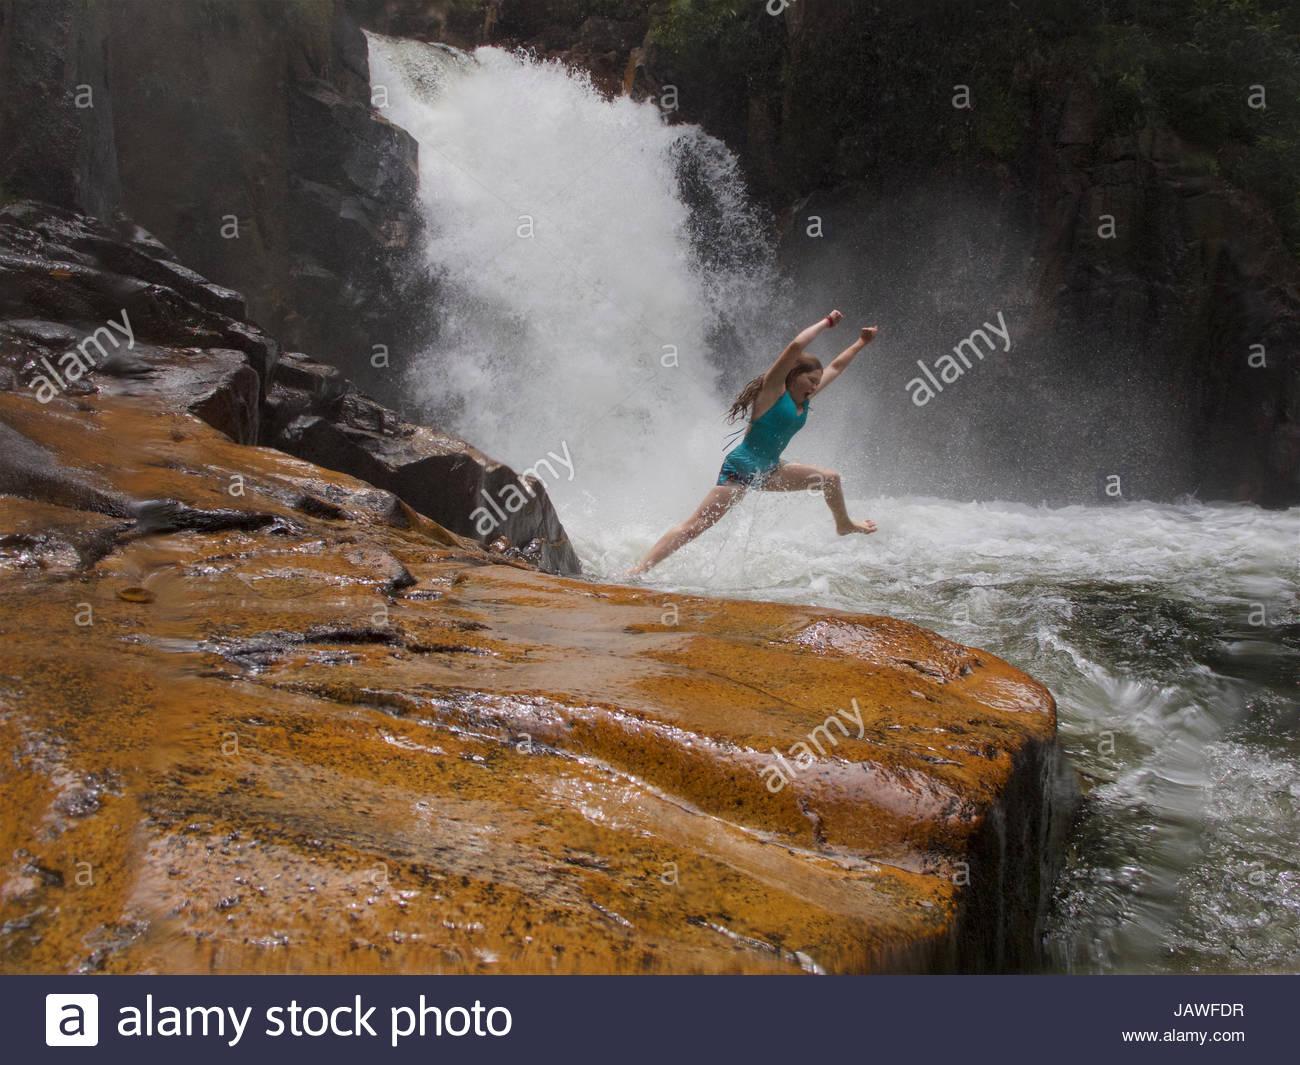 Una niña salta en el agua debajo de Riam Berasap, las caídas de las nieblas, que es la cascada más Imagen De Stock